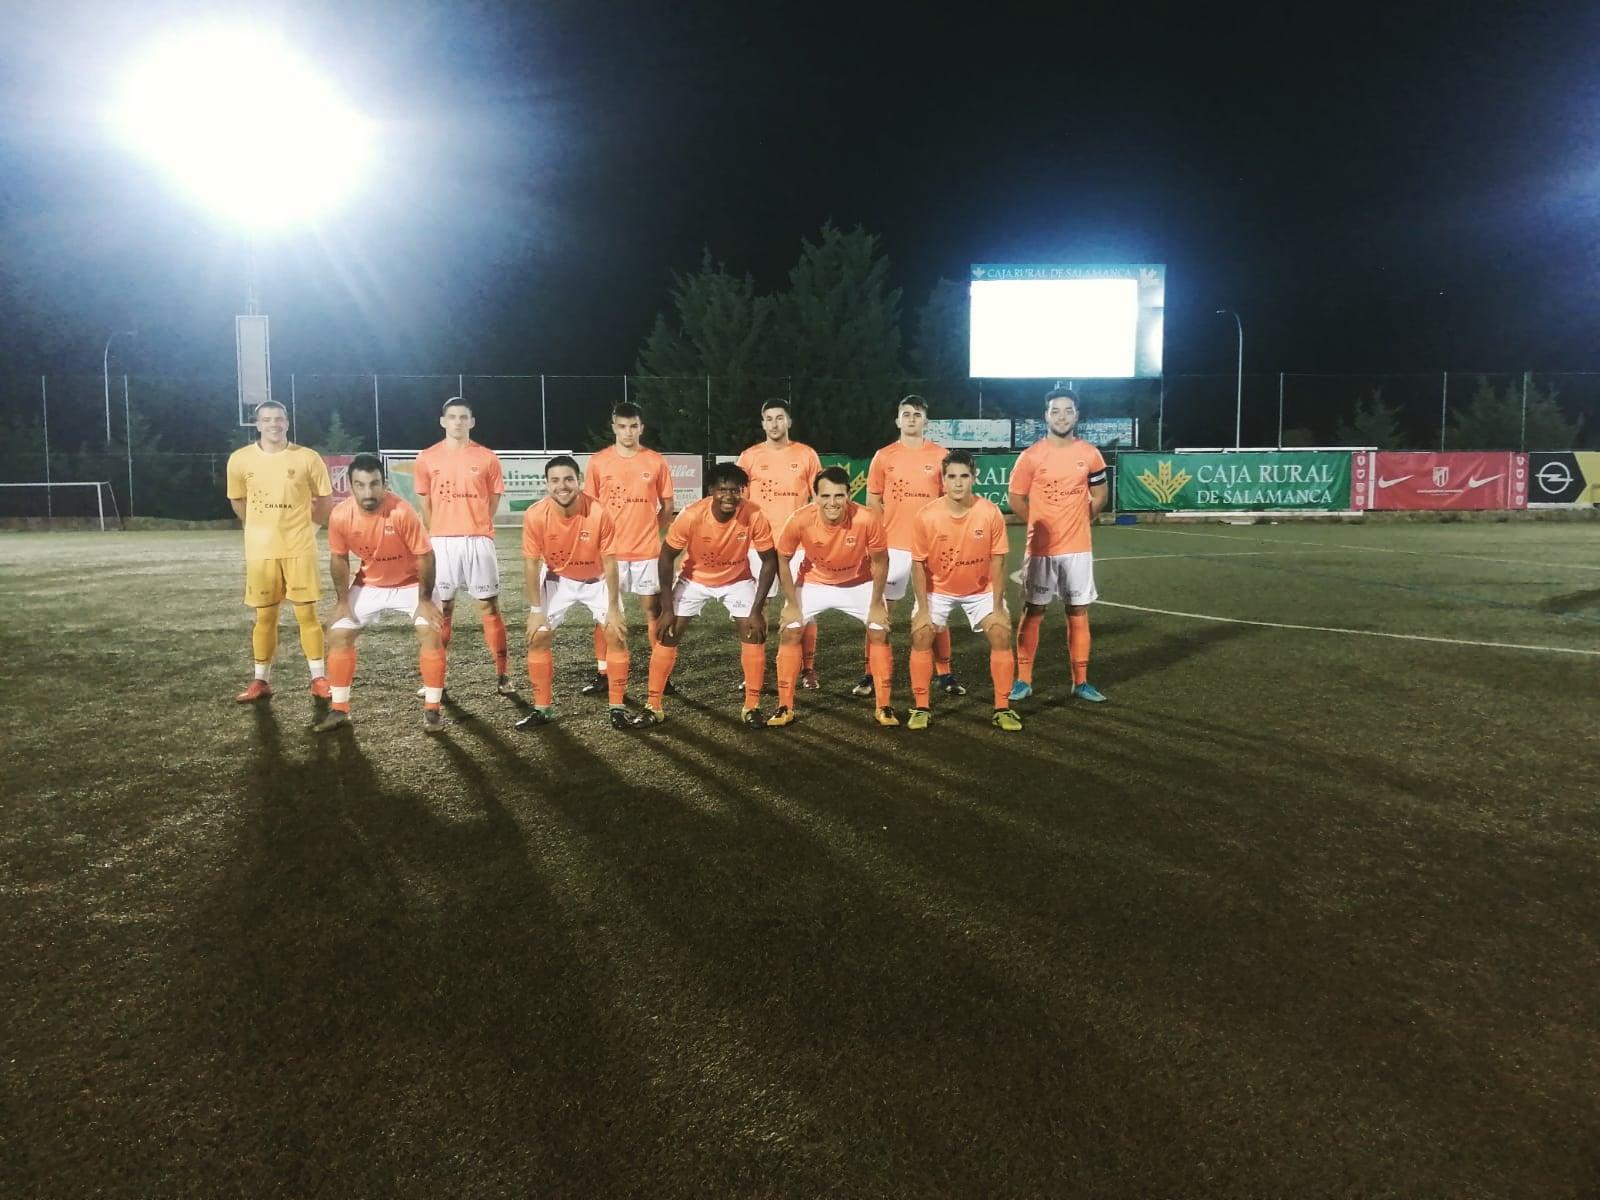 El Ciudad Rodrigo CF empata en el San Casto (2-2)